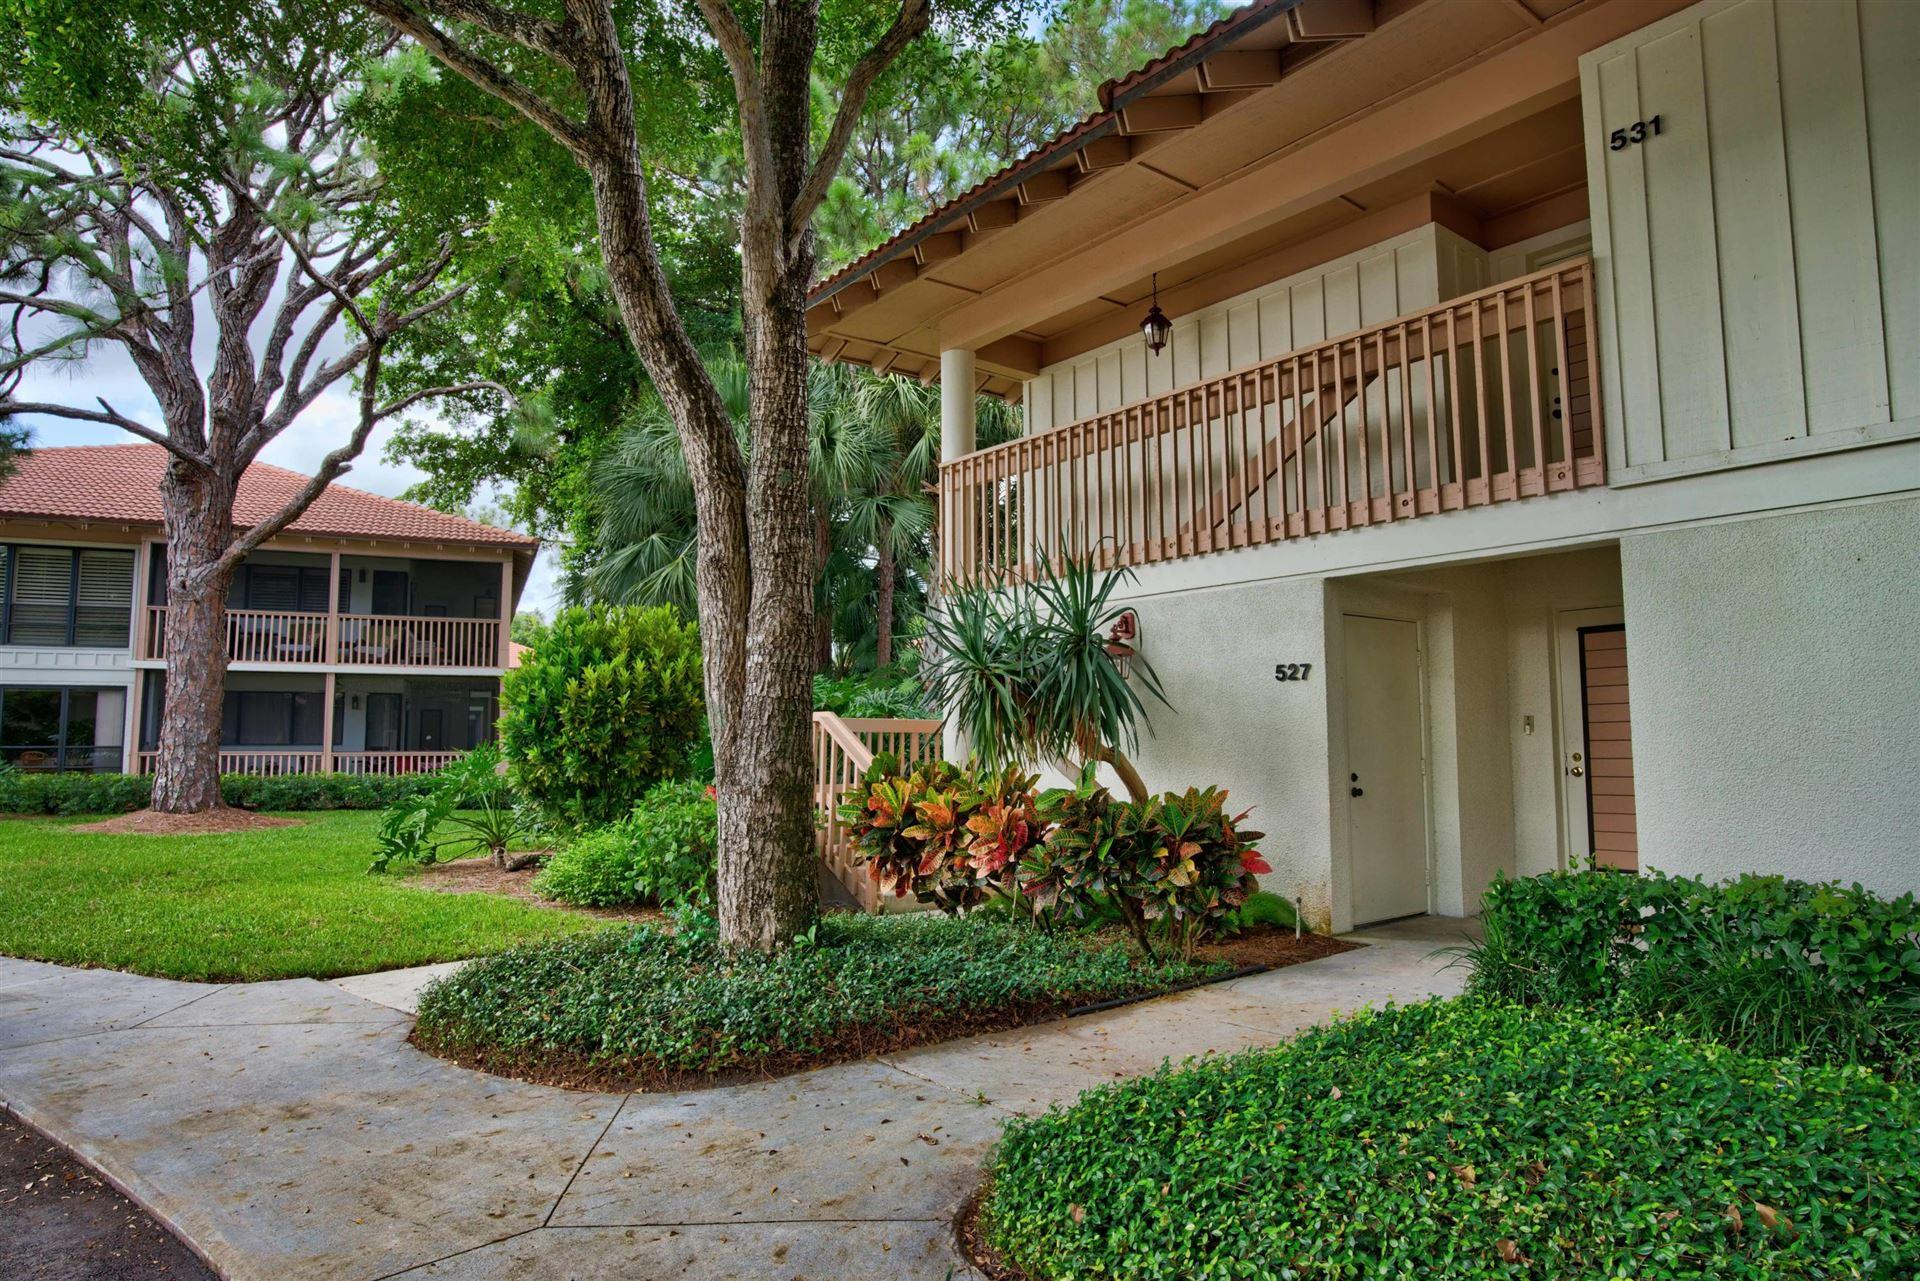 Photo of 531 Brackenwood Place, Palm Beach Gardens, FL 33418 (MLS # RX-10632595)